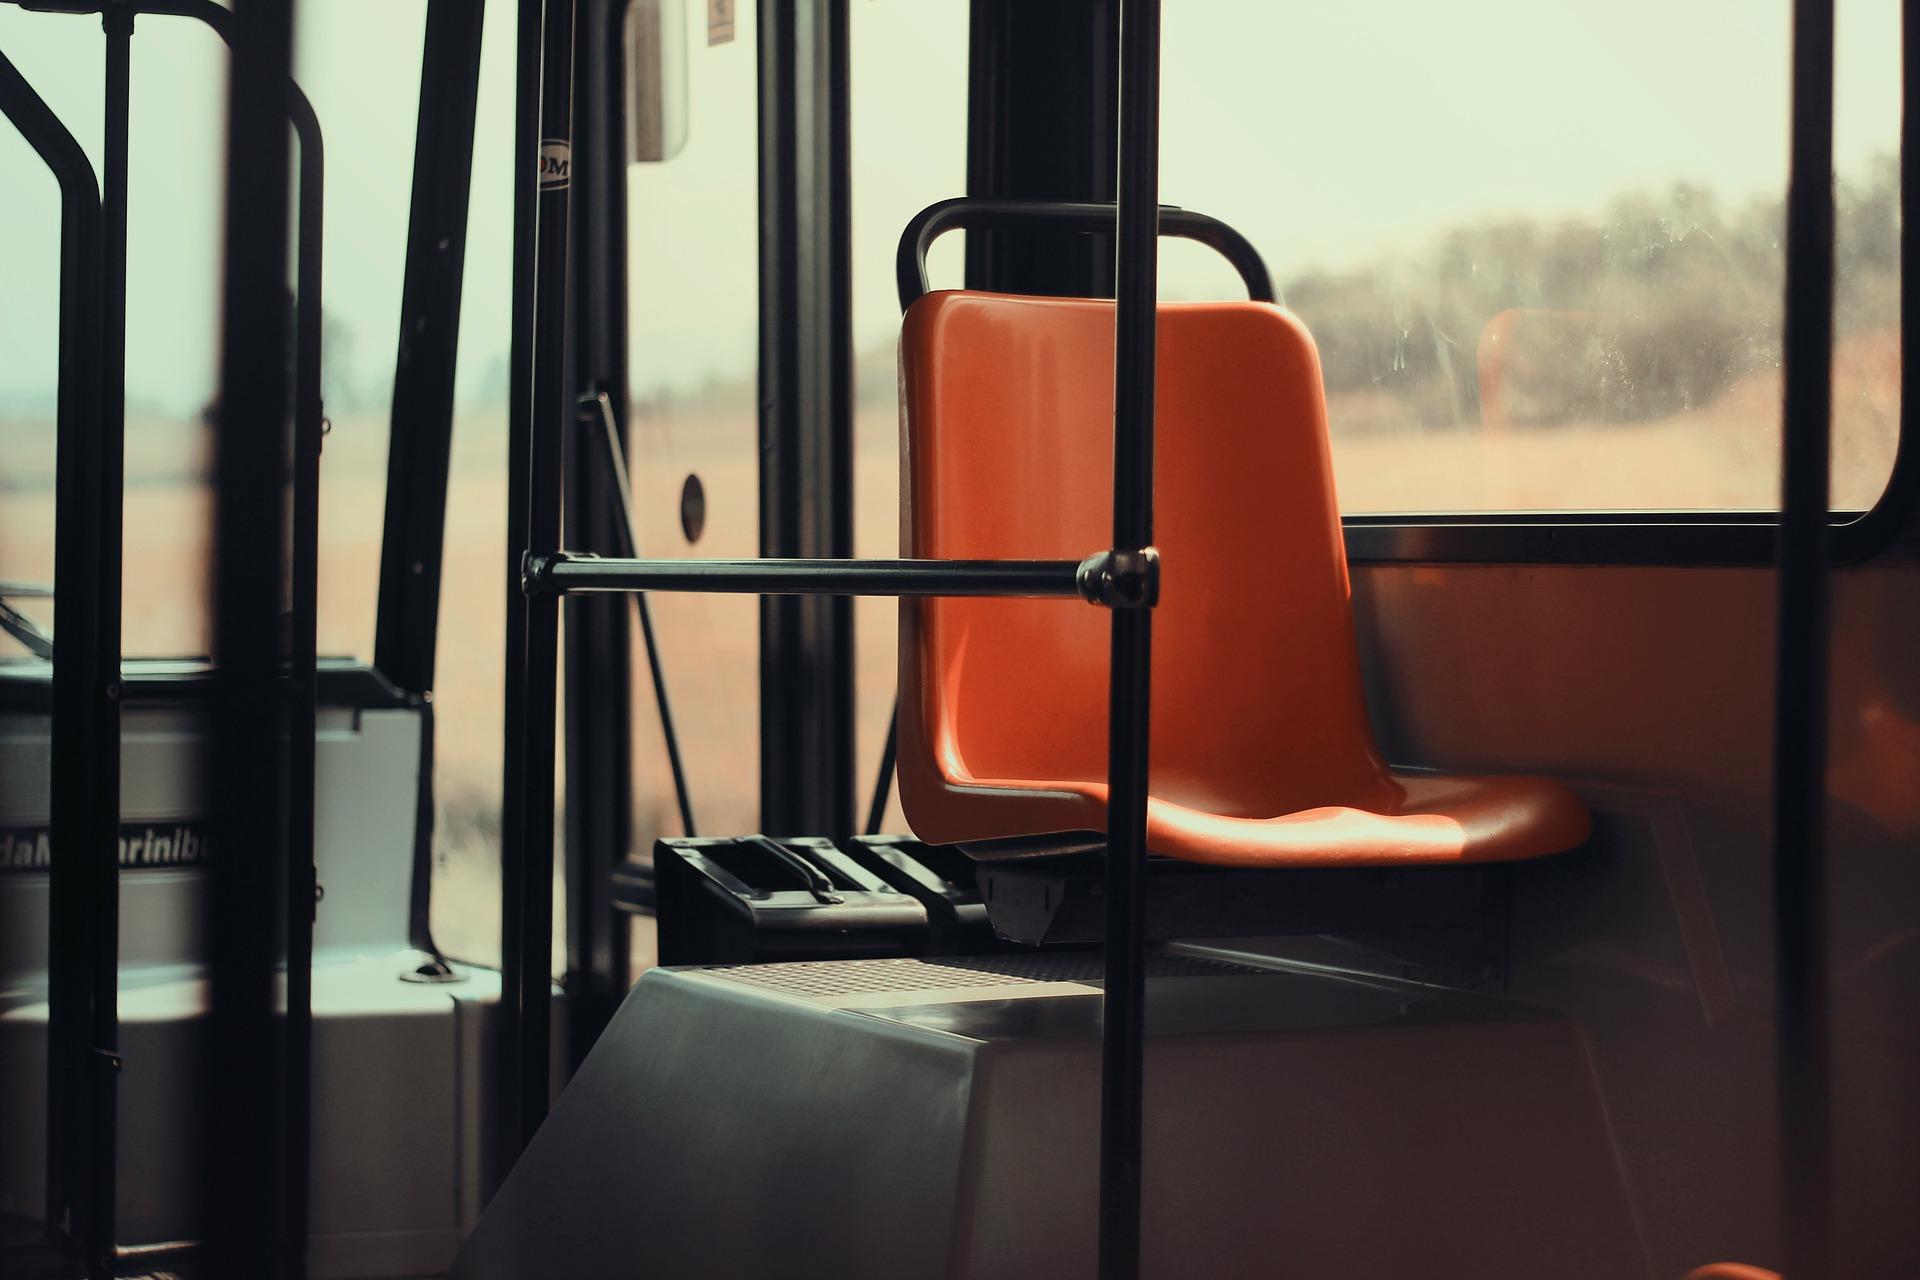 Миколаїв отримає €10 млн від ЄБРР на модерізацію громадського транспорту